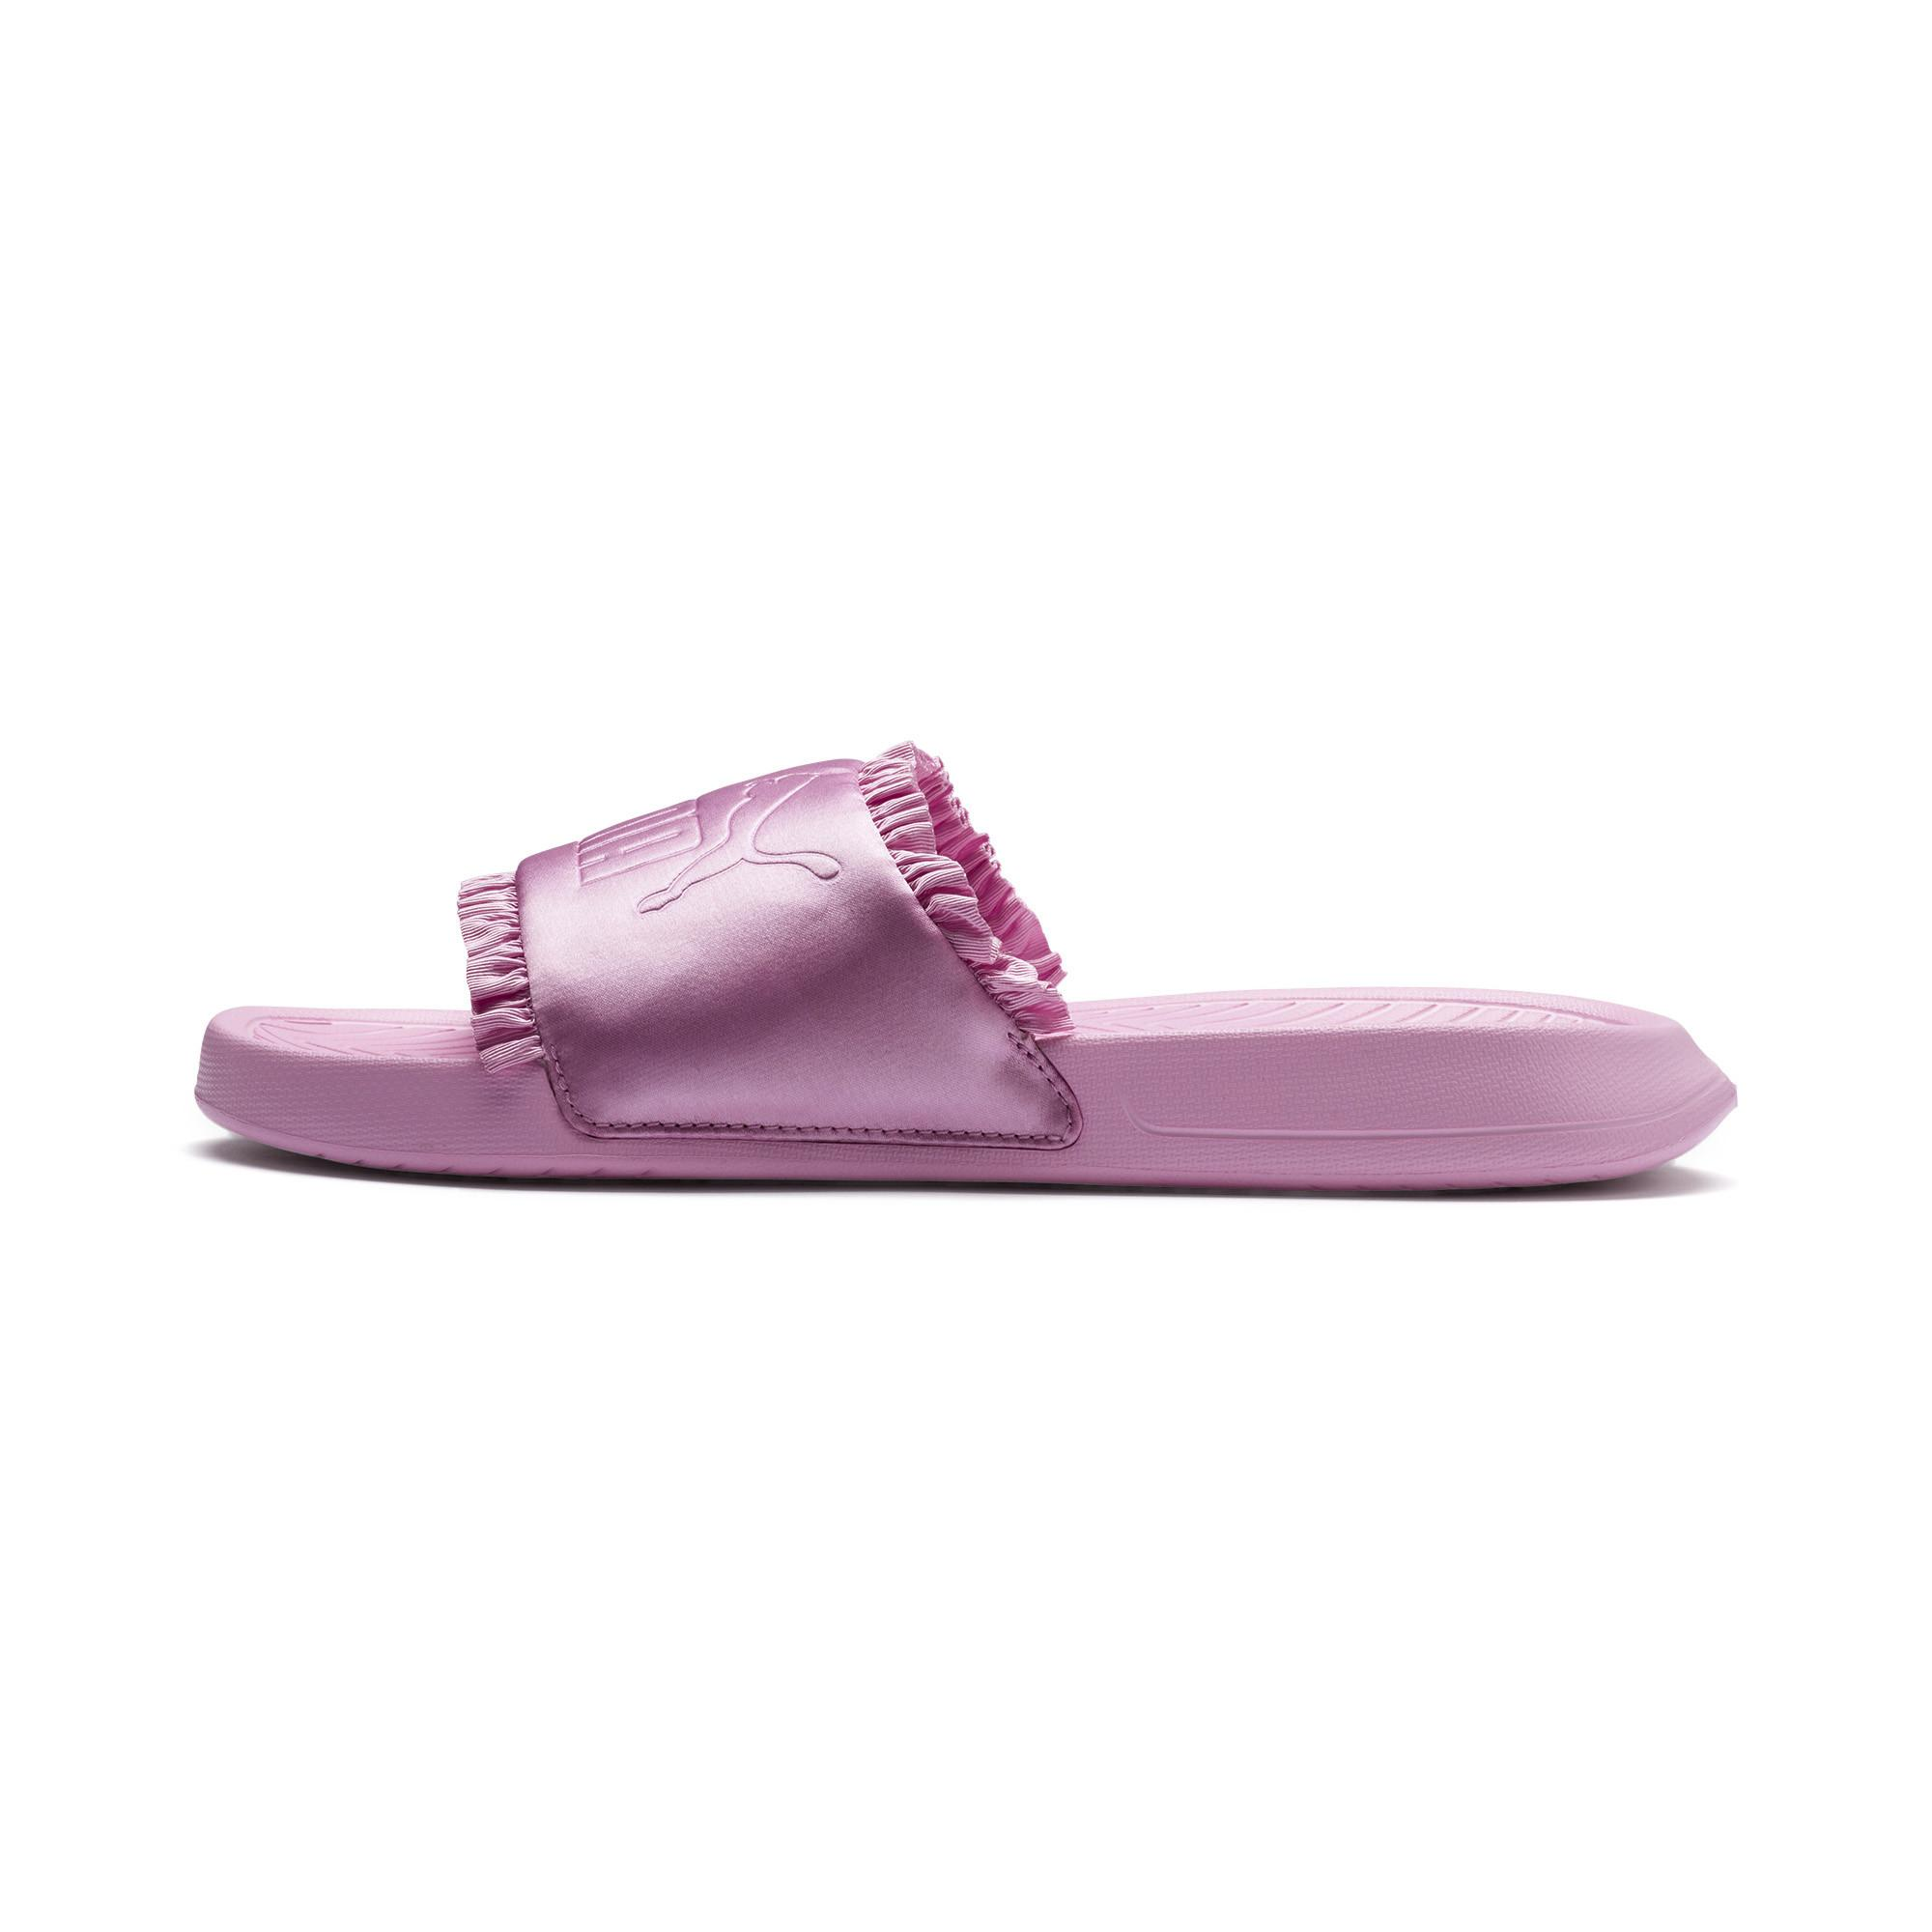 13be9ea63fbf Lyst - PUMA Popcat Silk Women s Slide Sandals in Pink